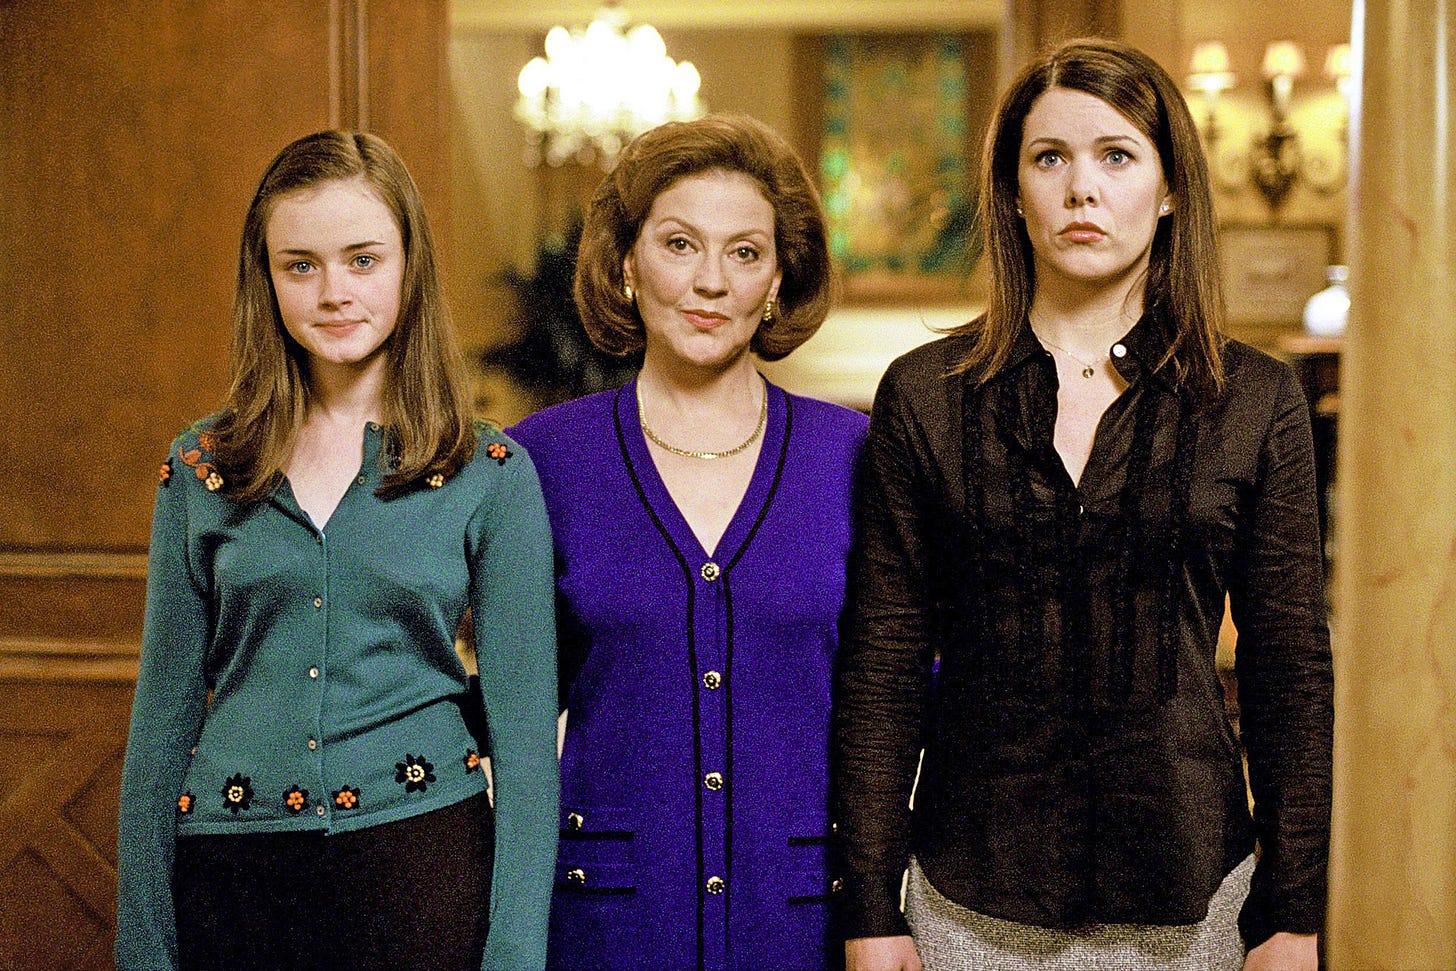 Gilmore Girls reunion photo: See the cast now! | EW.com